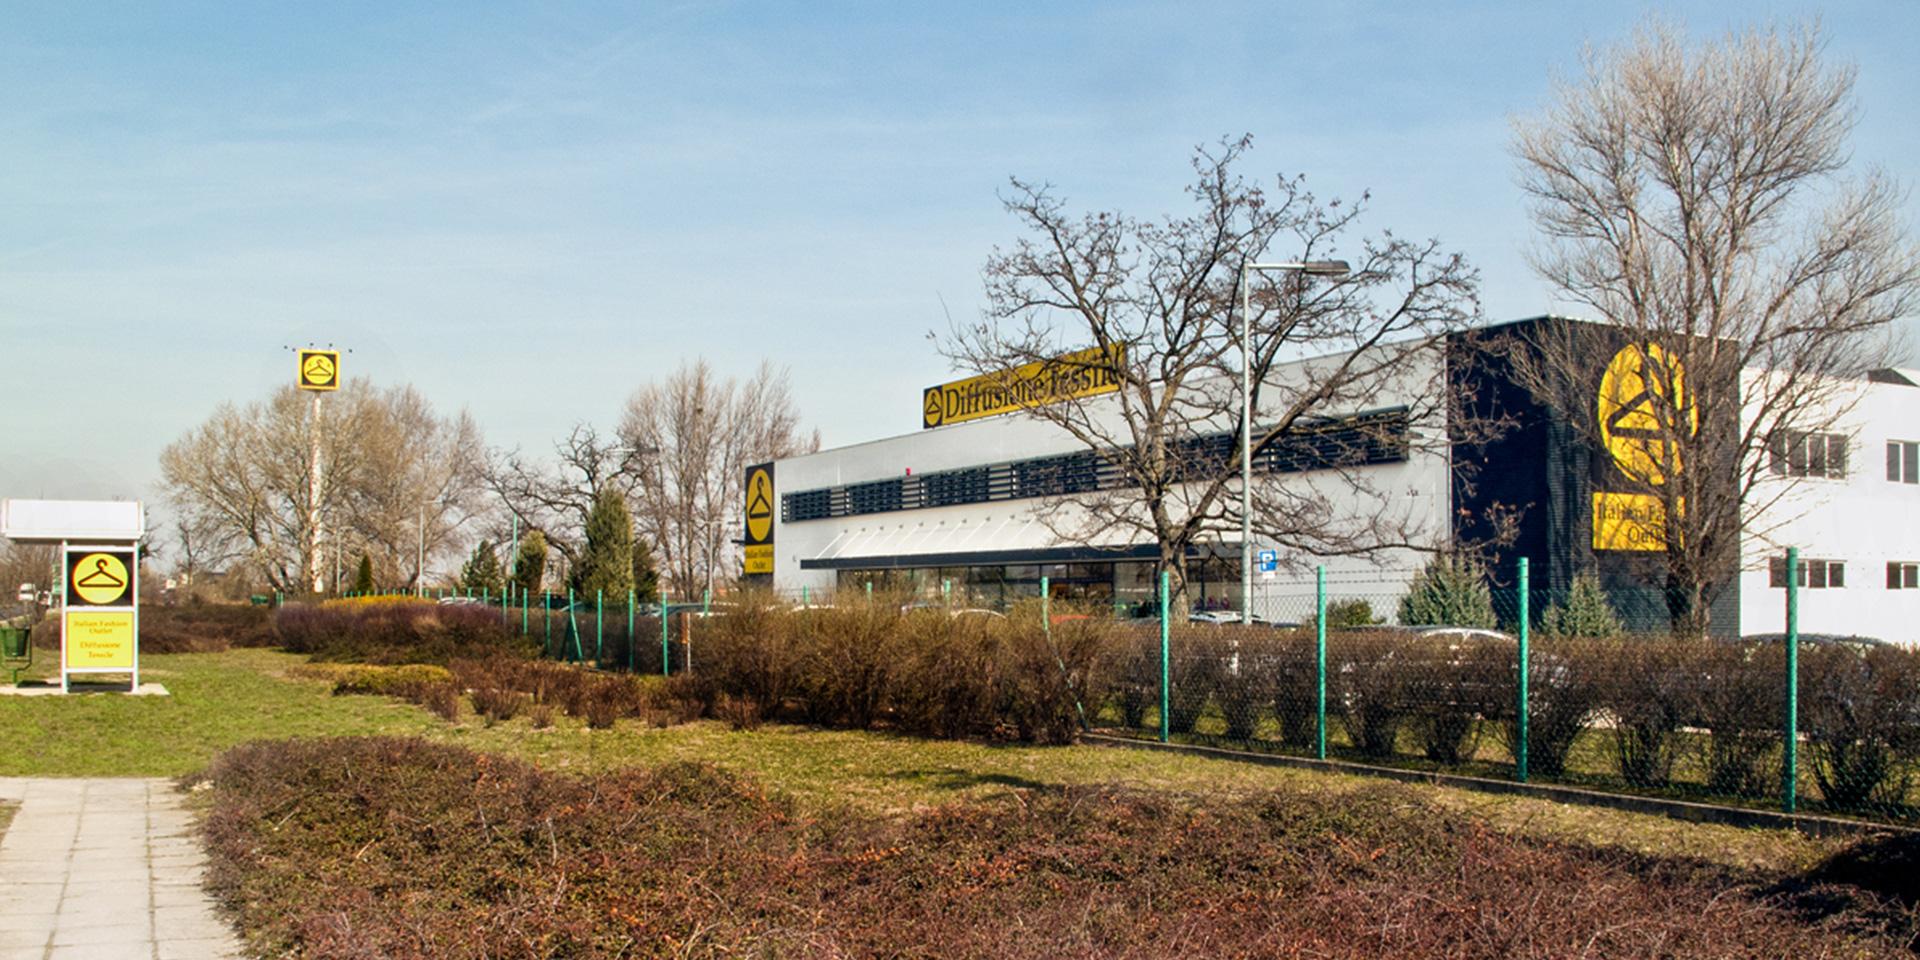 Outlet Diffusione Tessile a Budapest, Binini Partners, Società di architettura e ingegneria